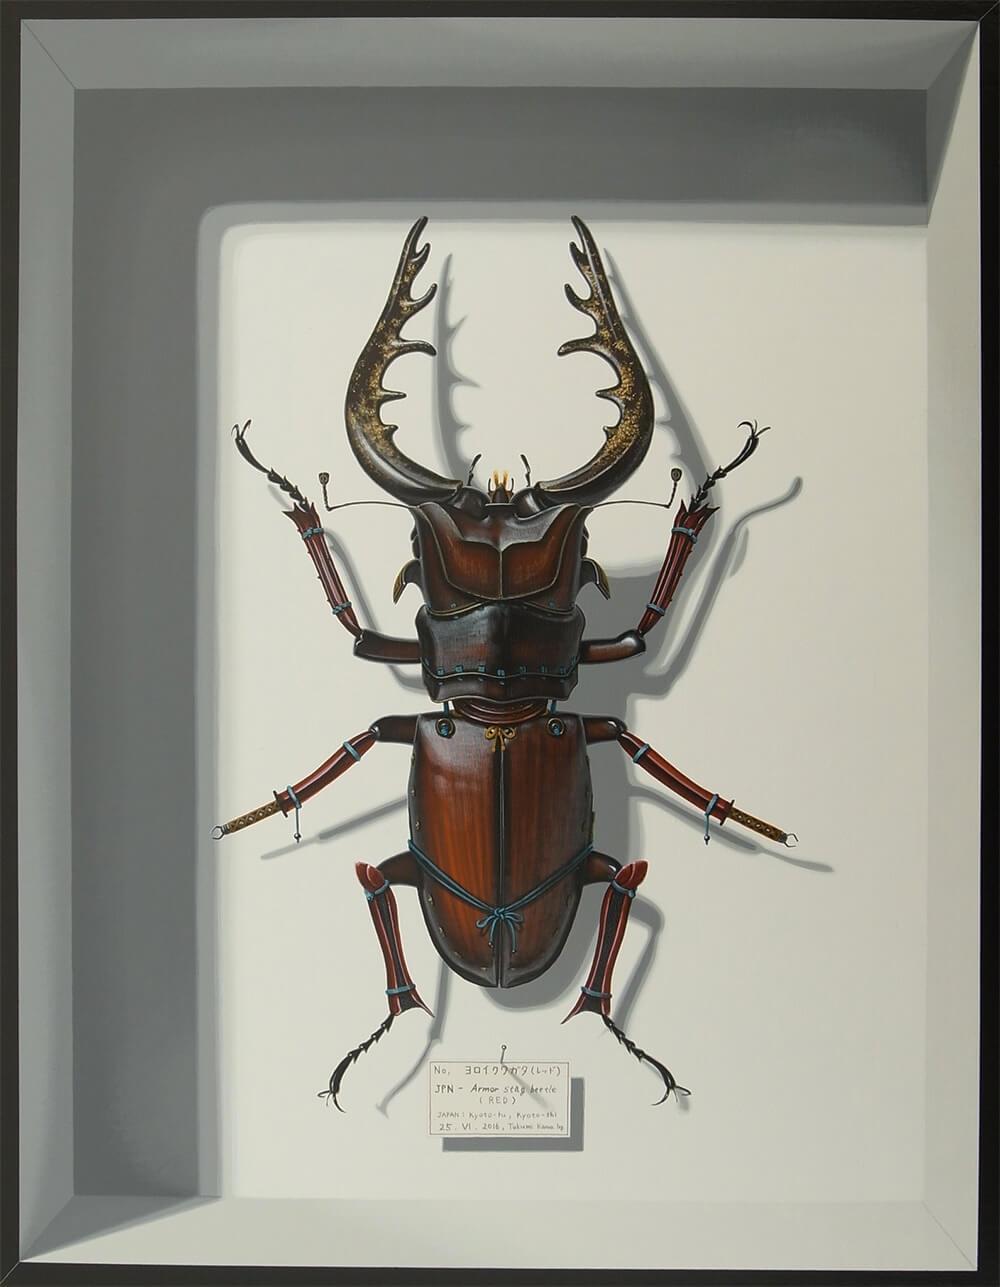 insects-takumi-kama-4